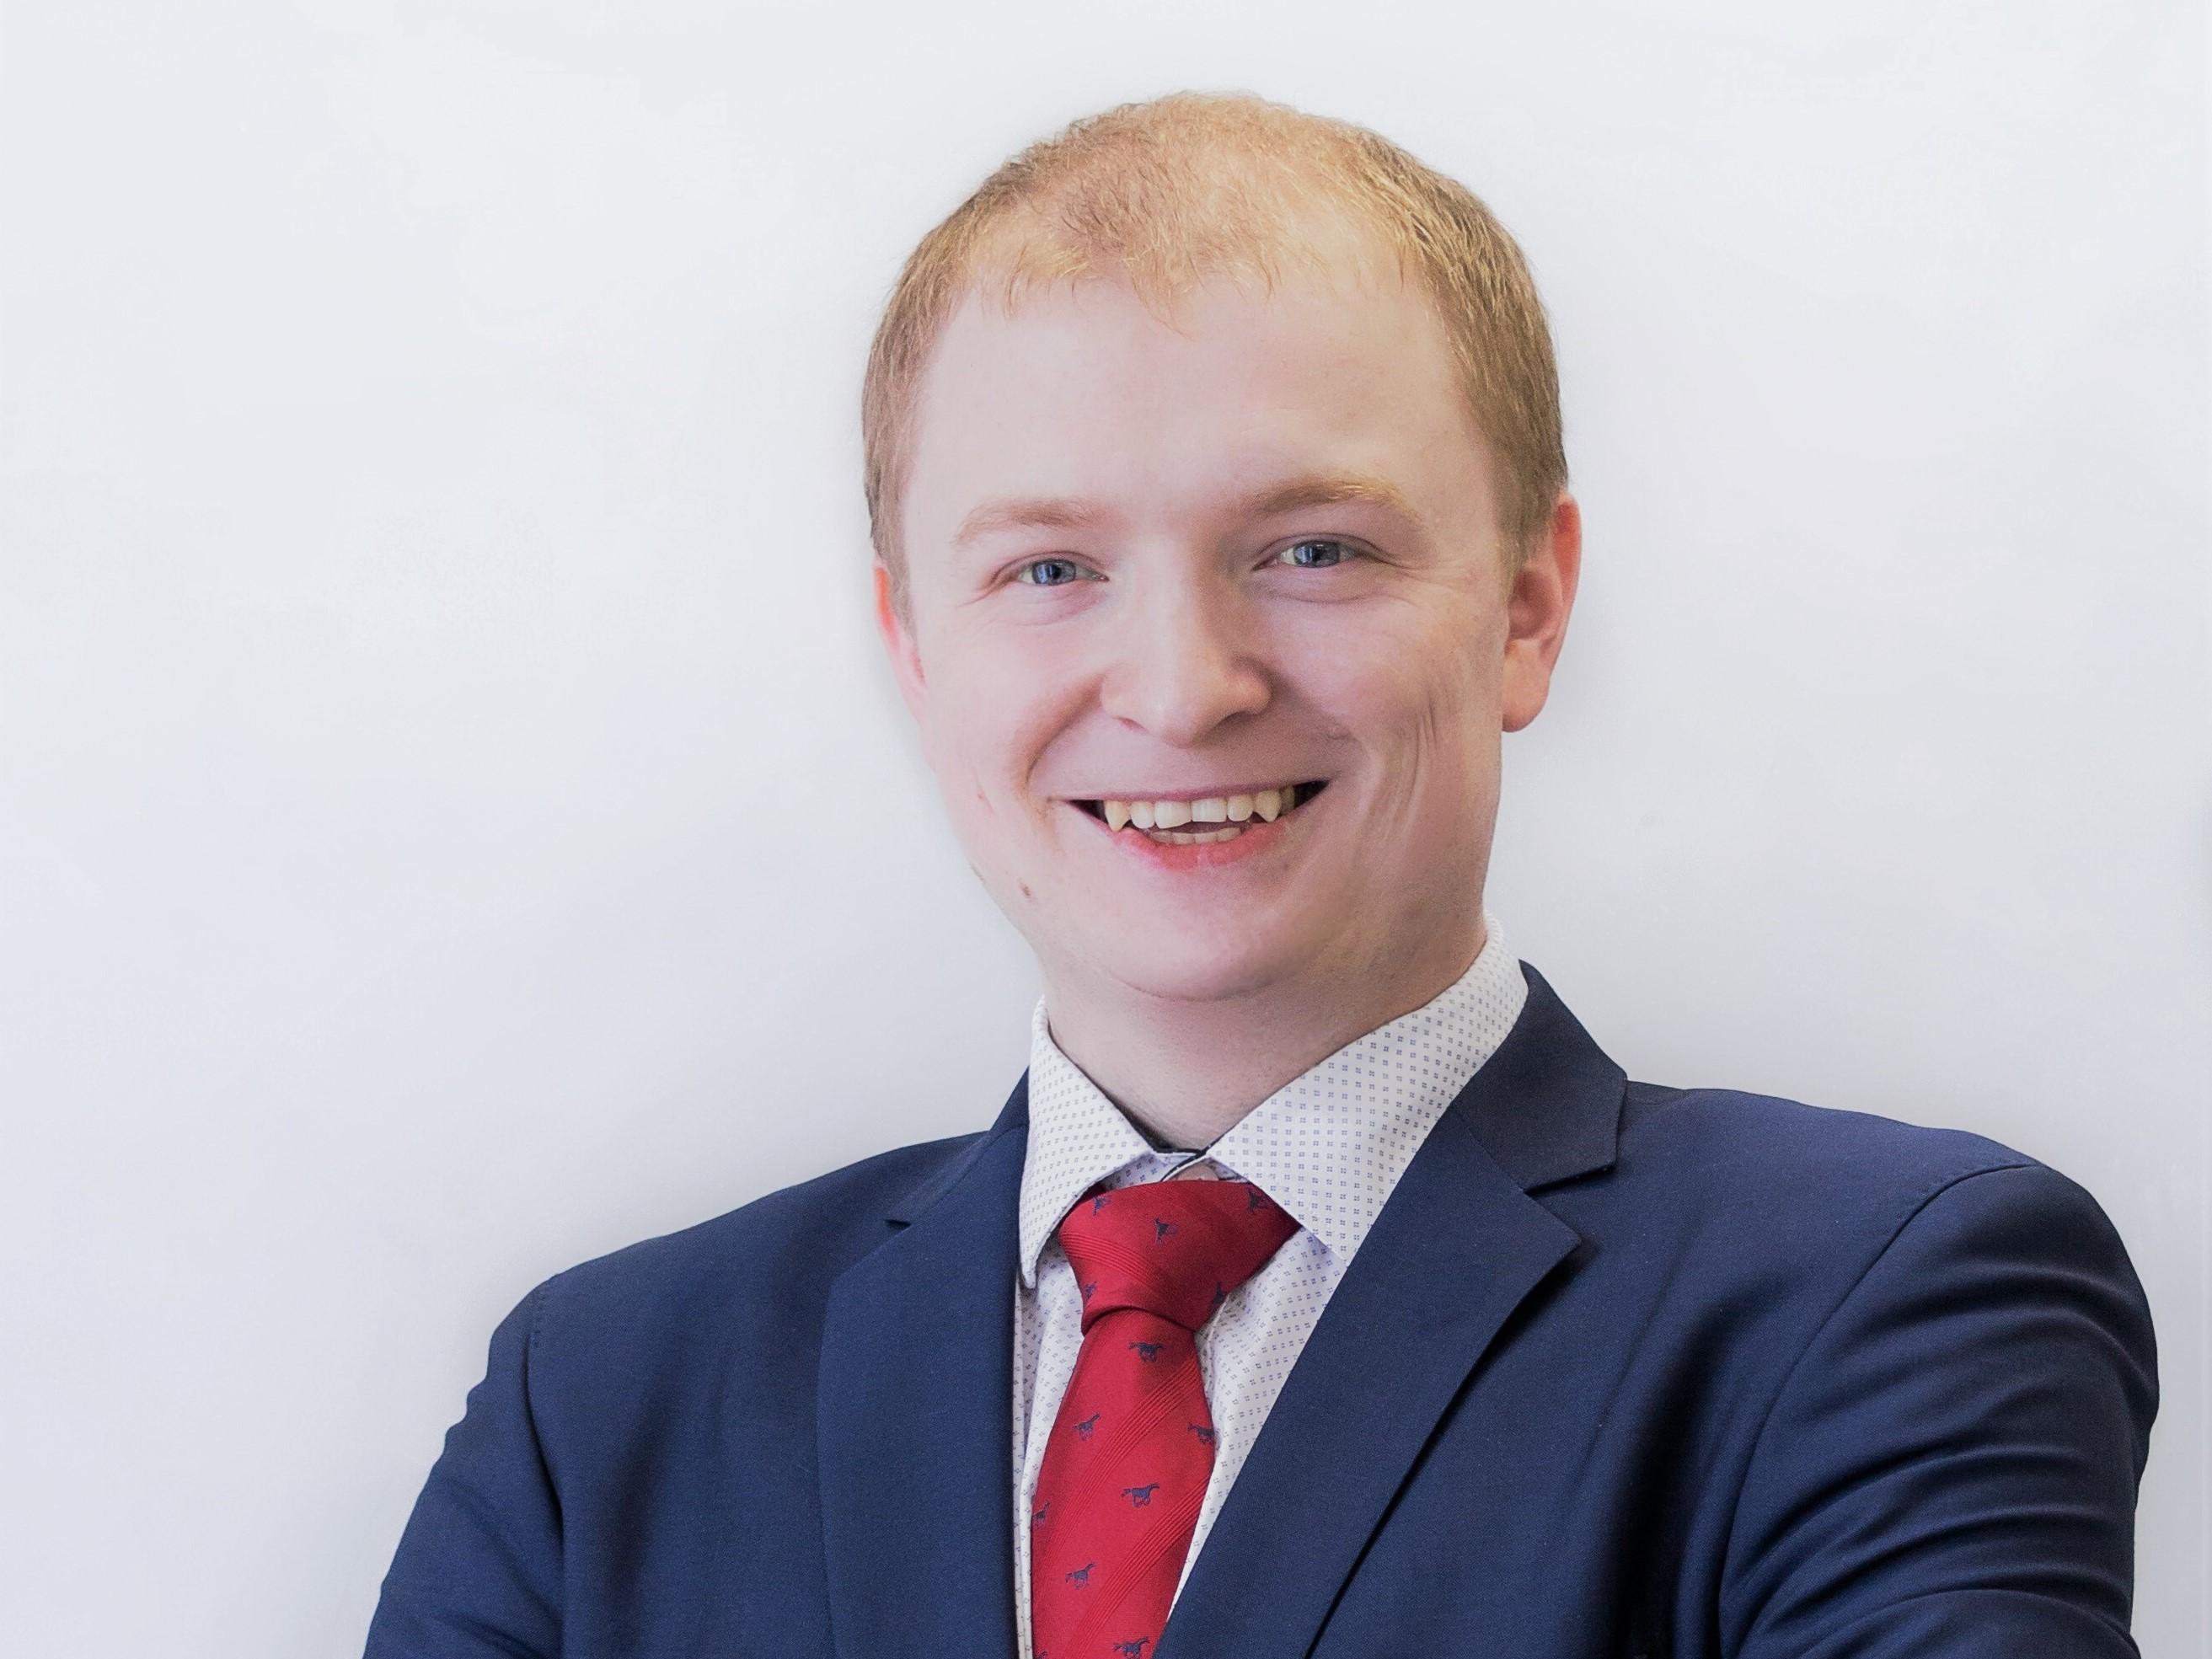 Дмитрий Беляков,региональный директор по УрФО компании «Интерлизинг»